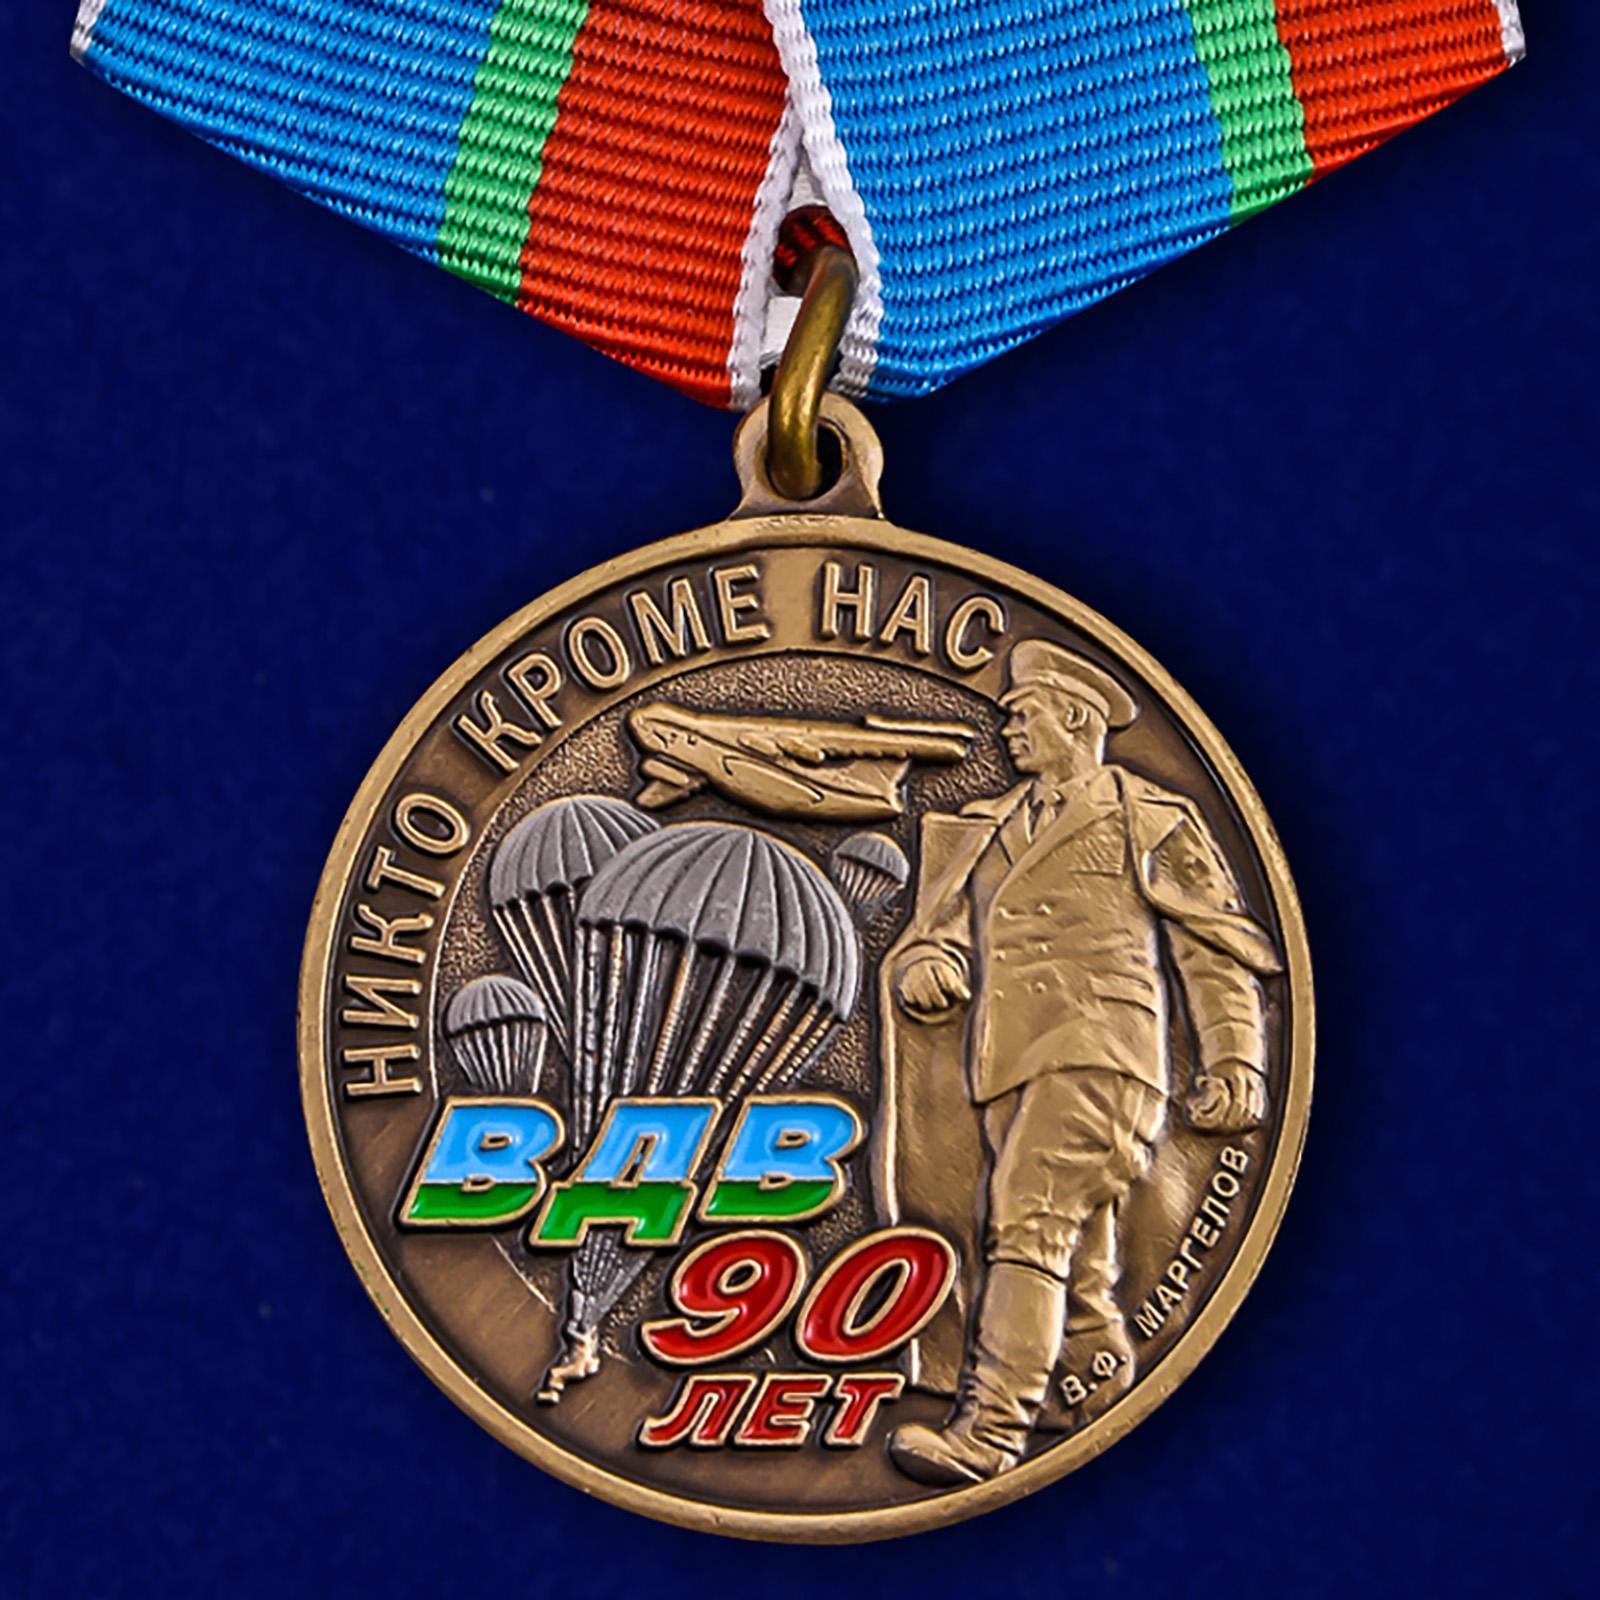 Купить медаль 90 лет ВДВ на подставке онлайн в подарок